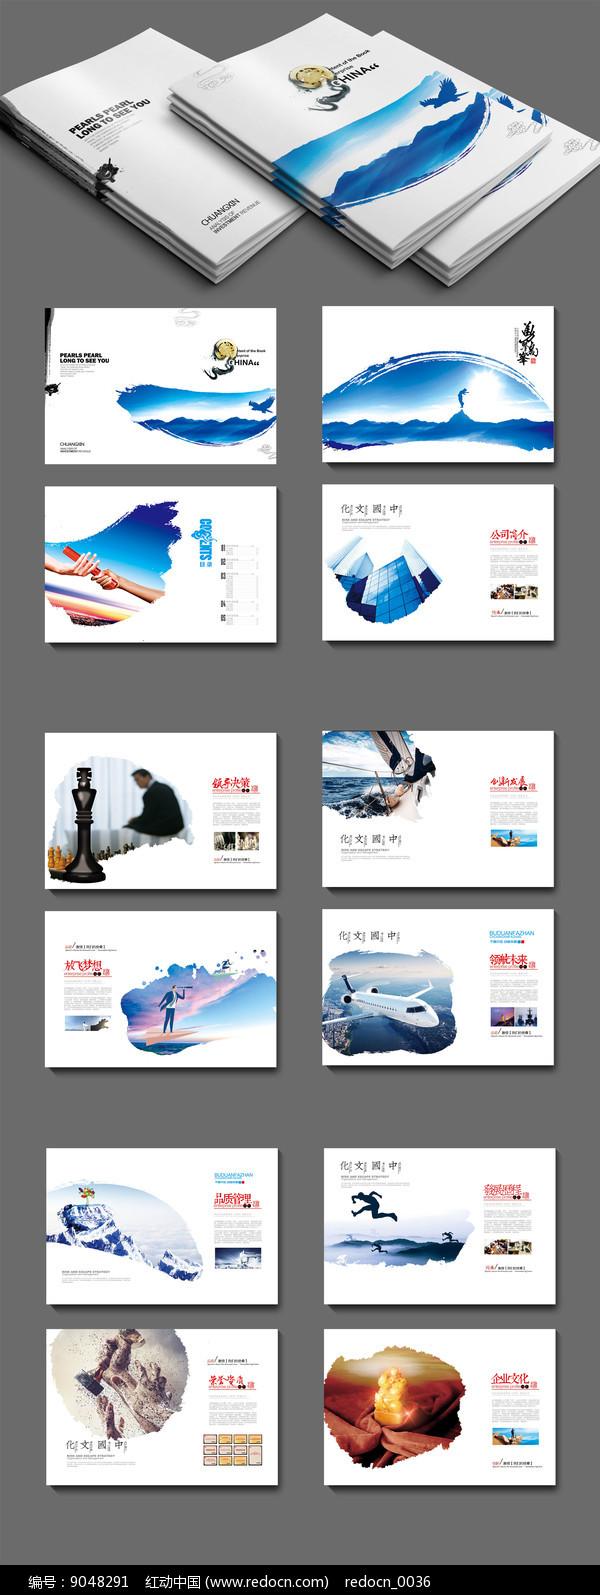 中国风企业宣传册设计图片